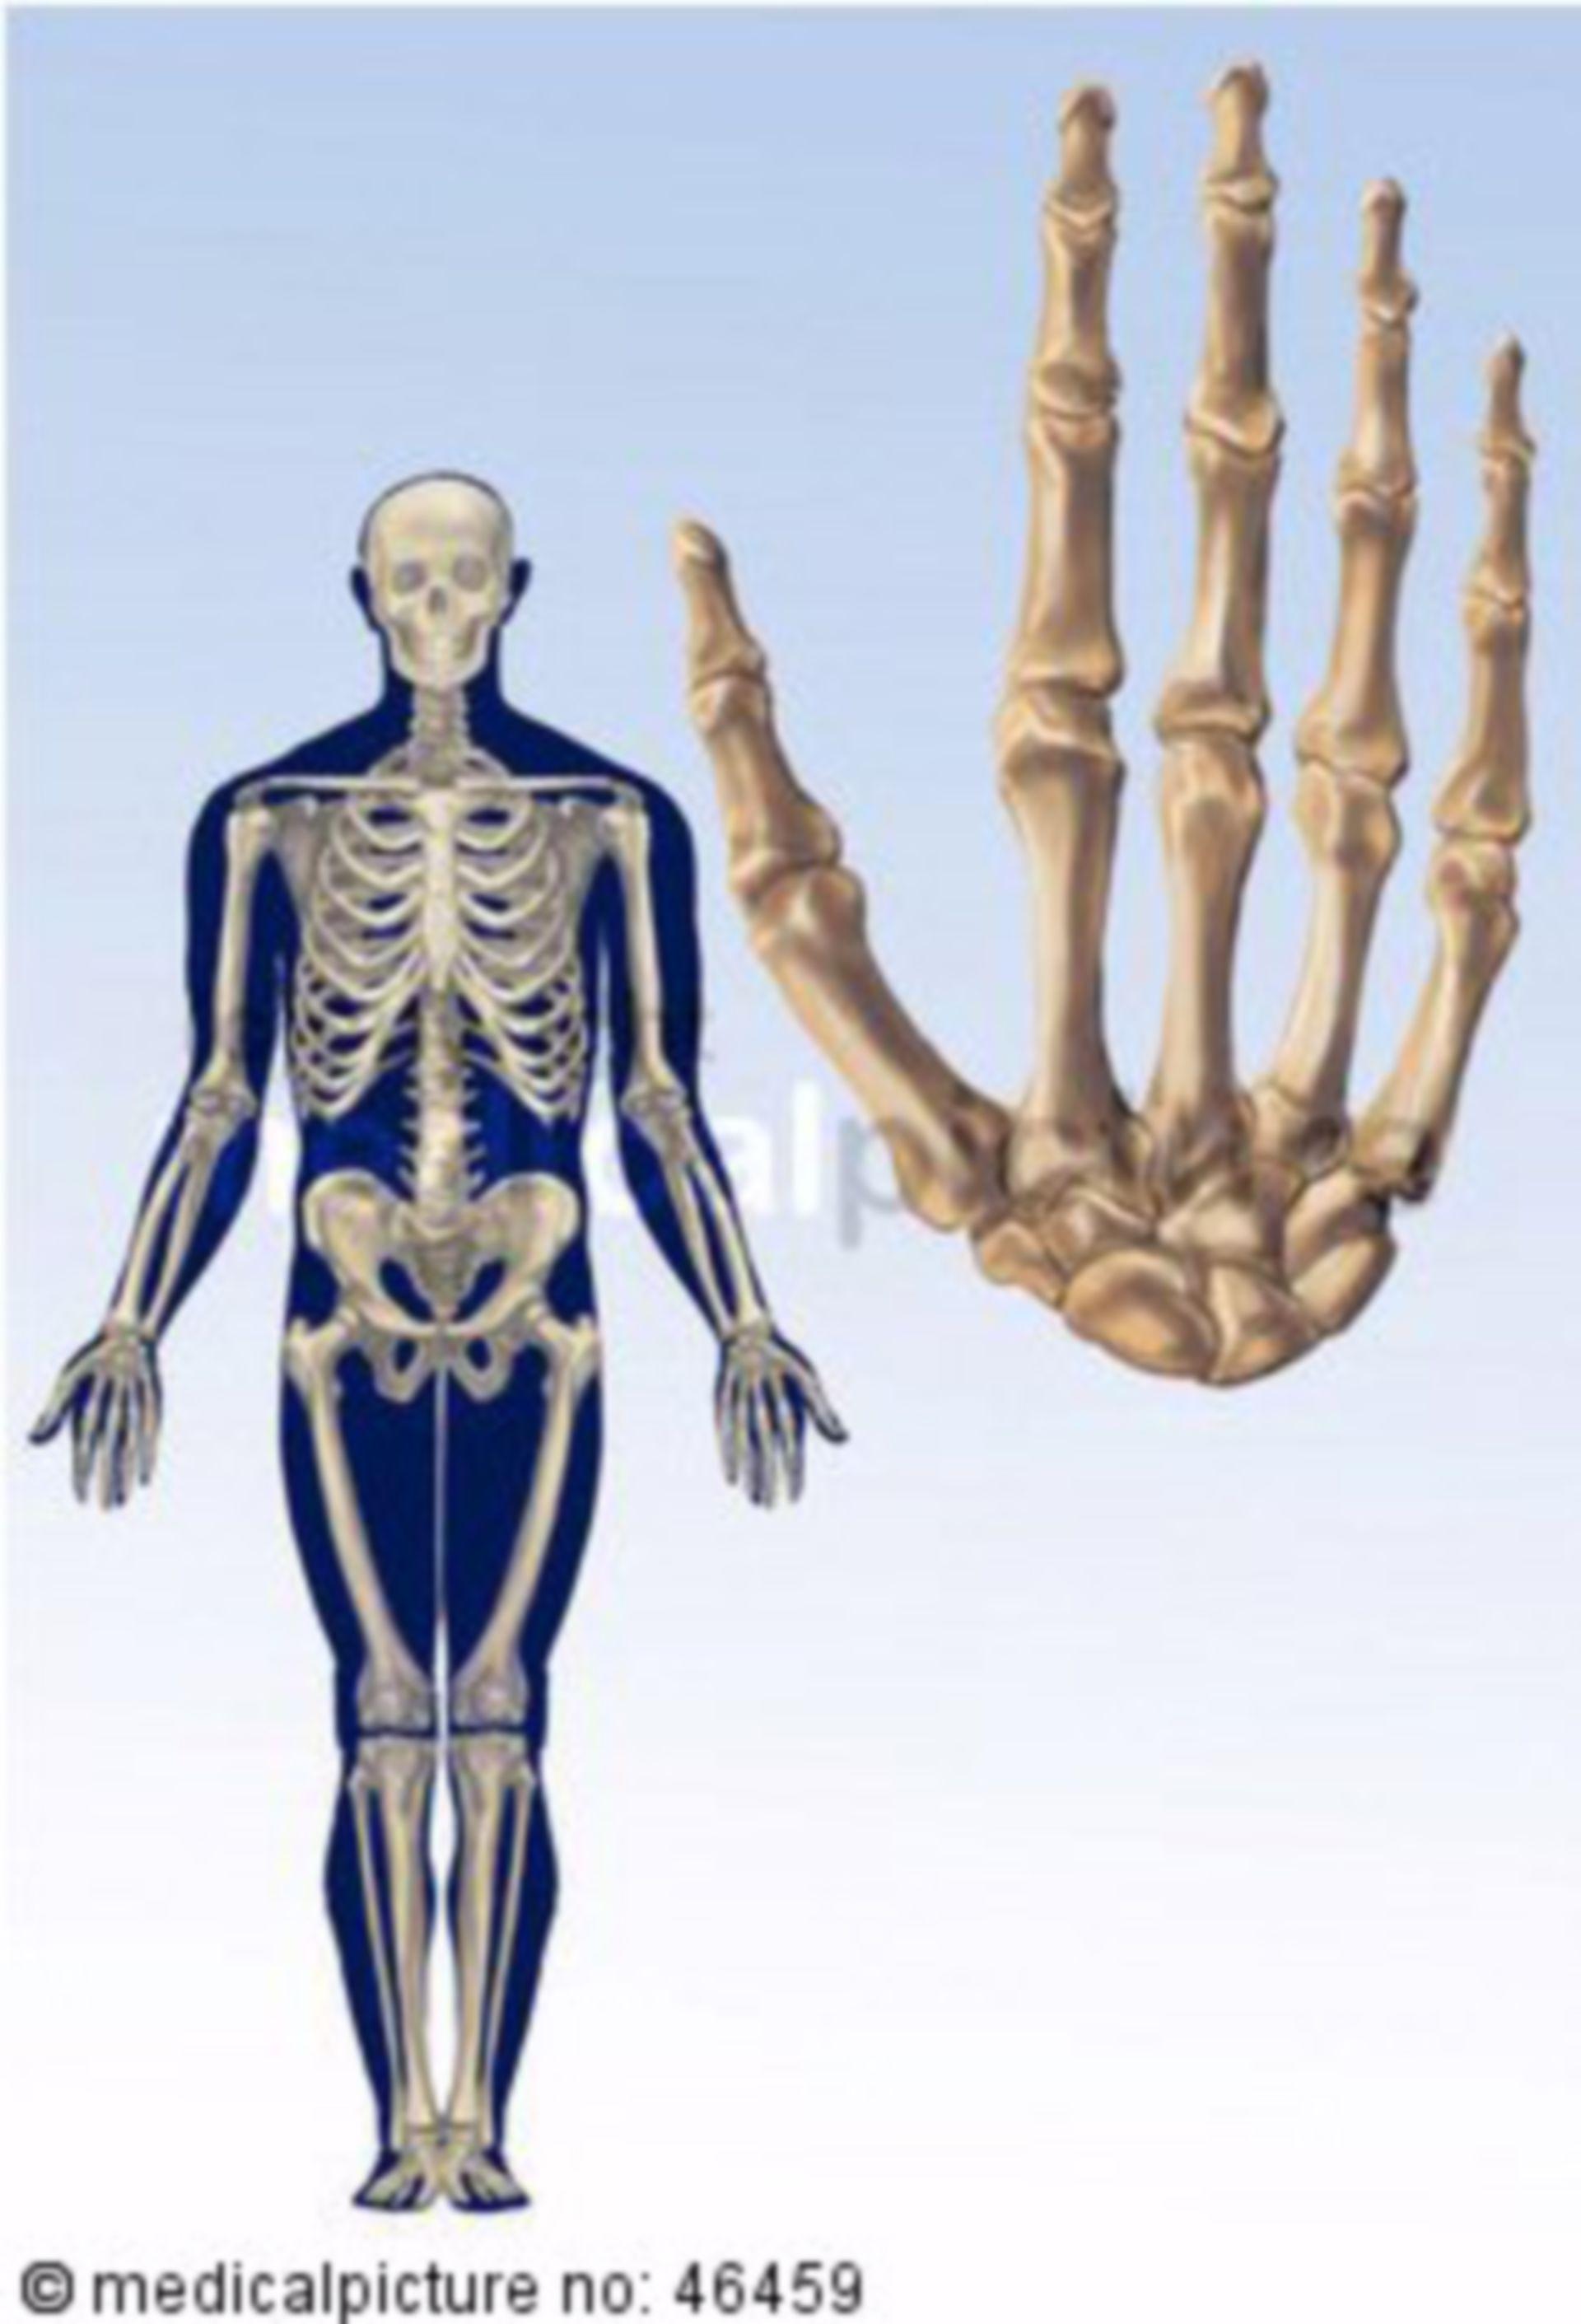 Meschliches Skelett und Handknochen